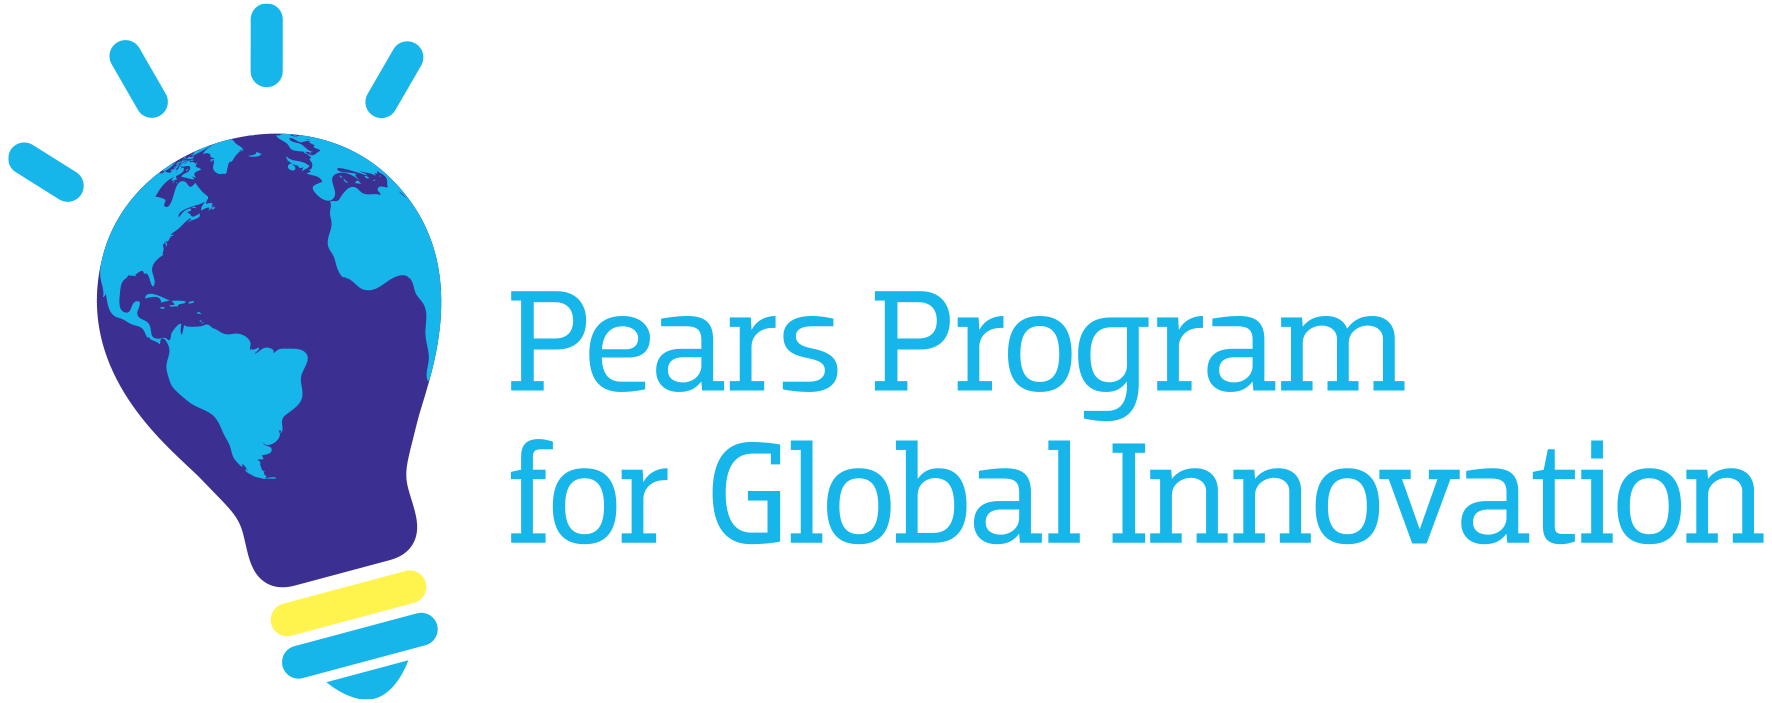 Pears Program for Global Innovation